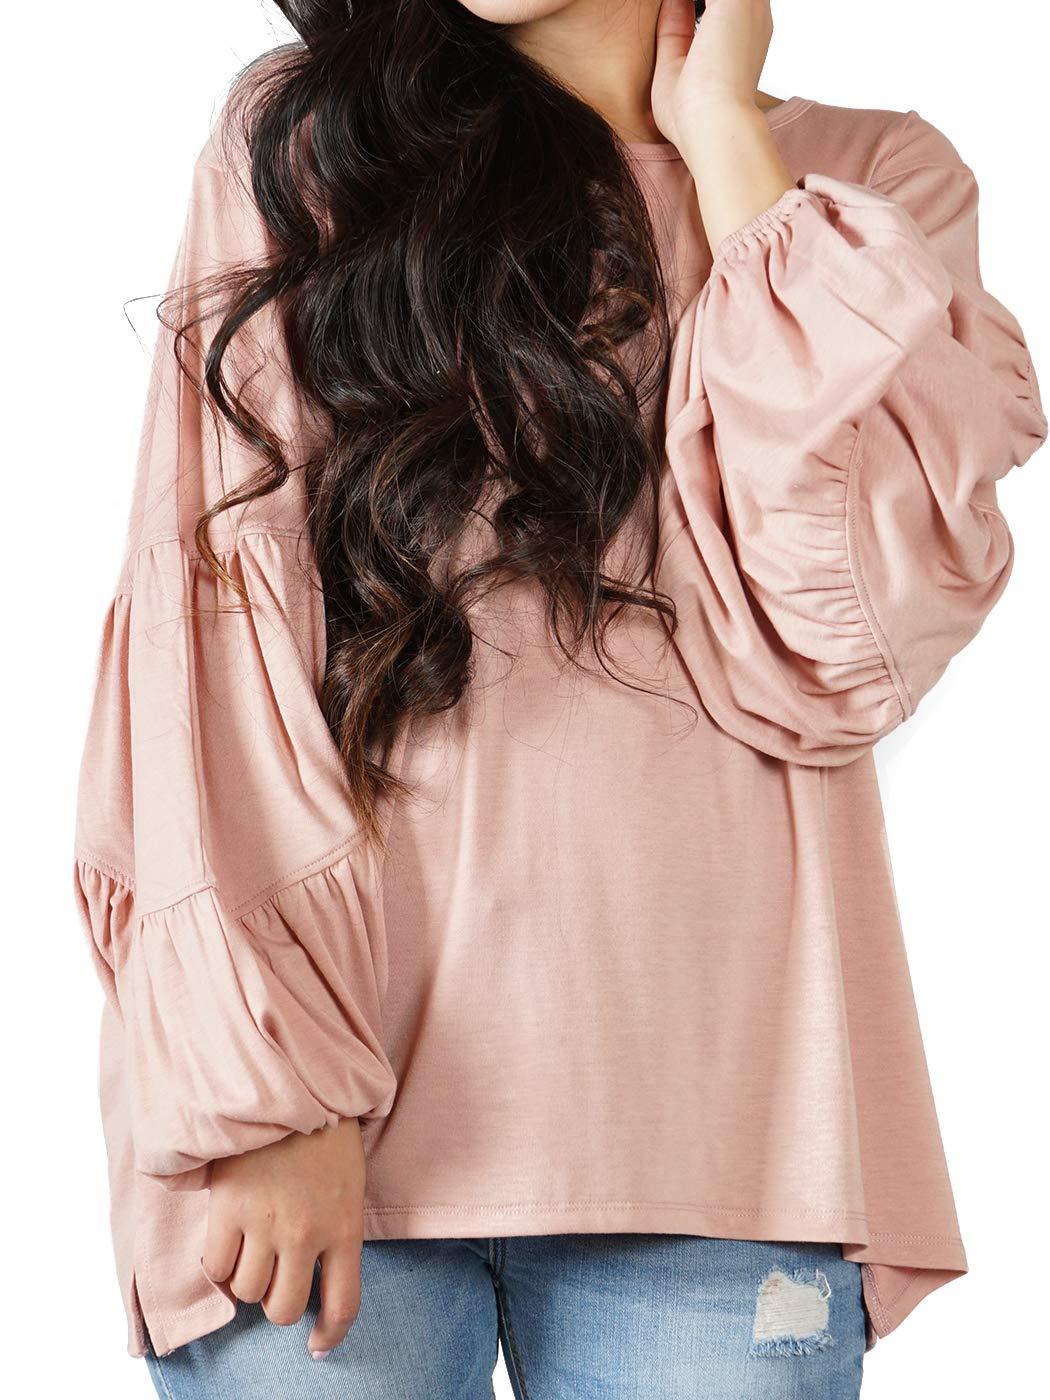 ANNA-KACI dam lampion långärmad söt mjuk lång fyrdelad blus pullover Shirt Top ROSA